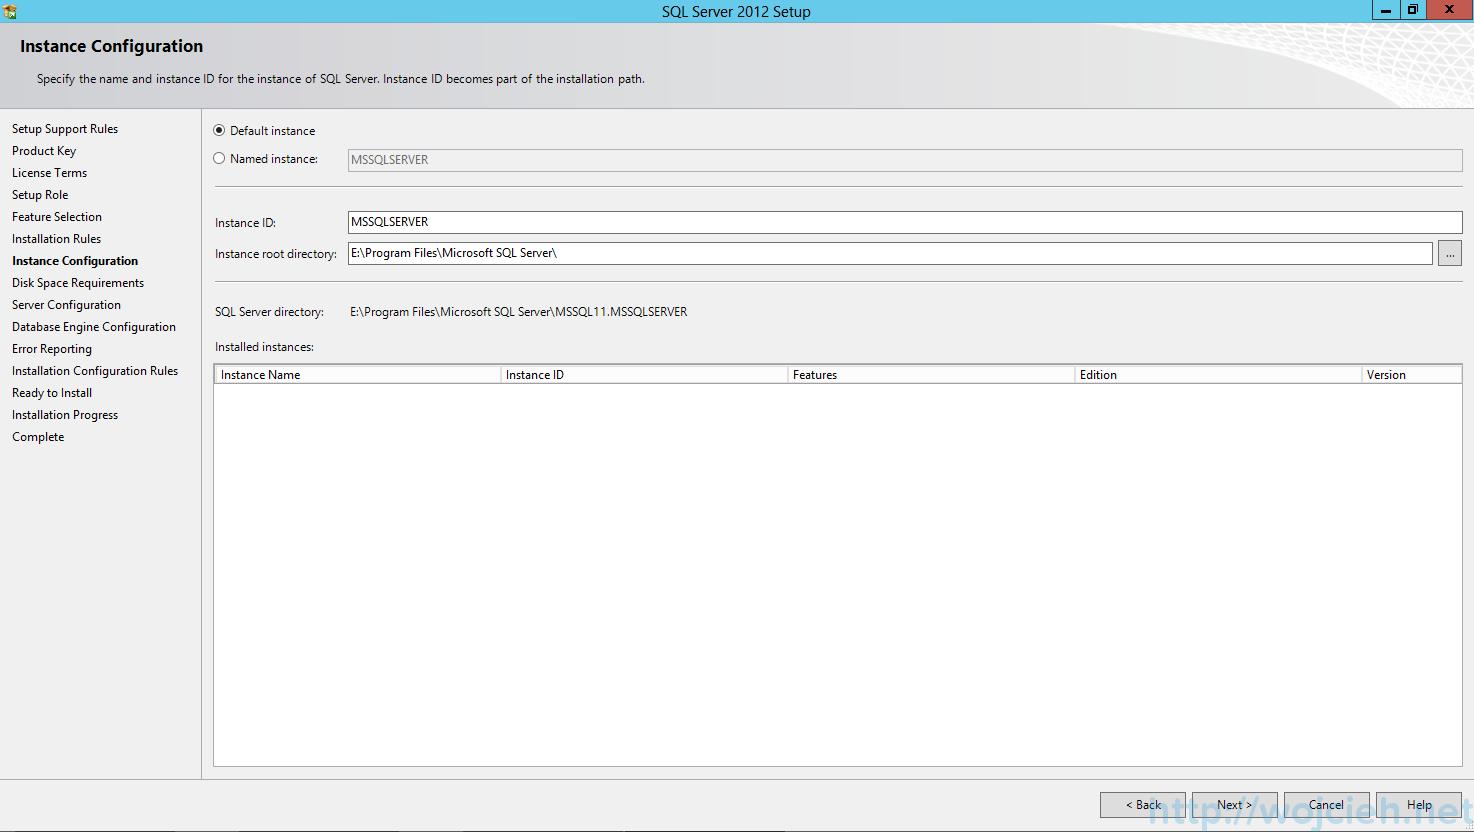 SQL Server 2012 SP1 - Instance Configuration